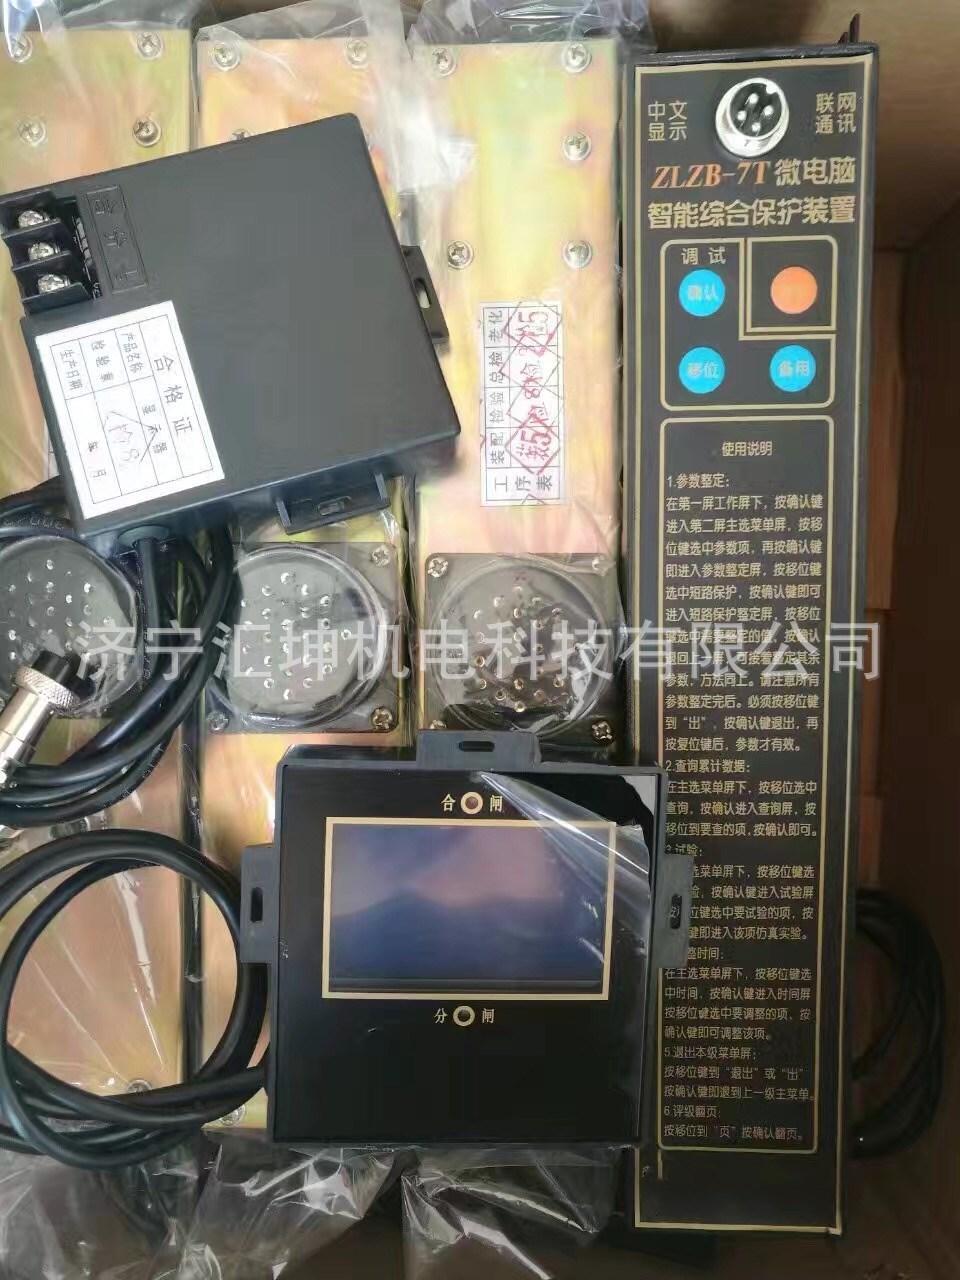 ZLZB-7T 微电脑智能综合保护装置 智能综合保护装置